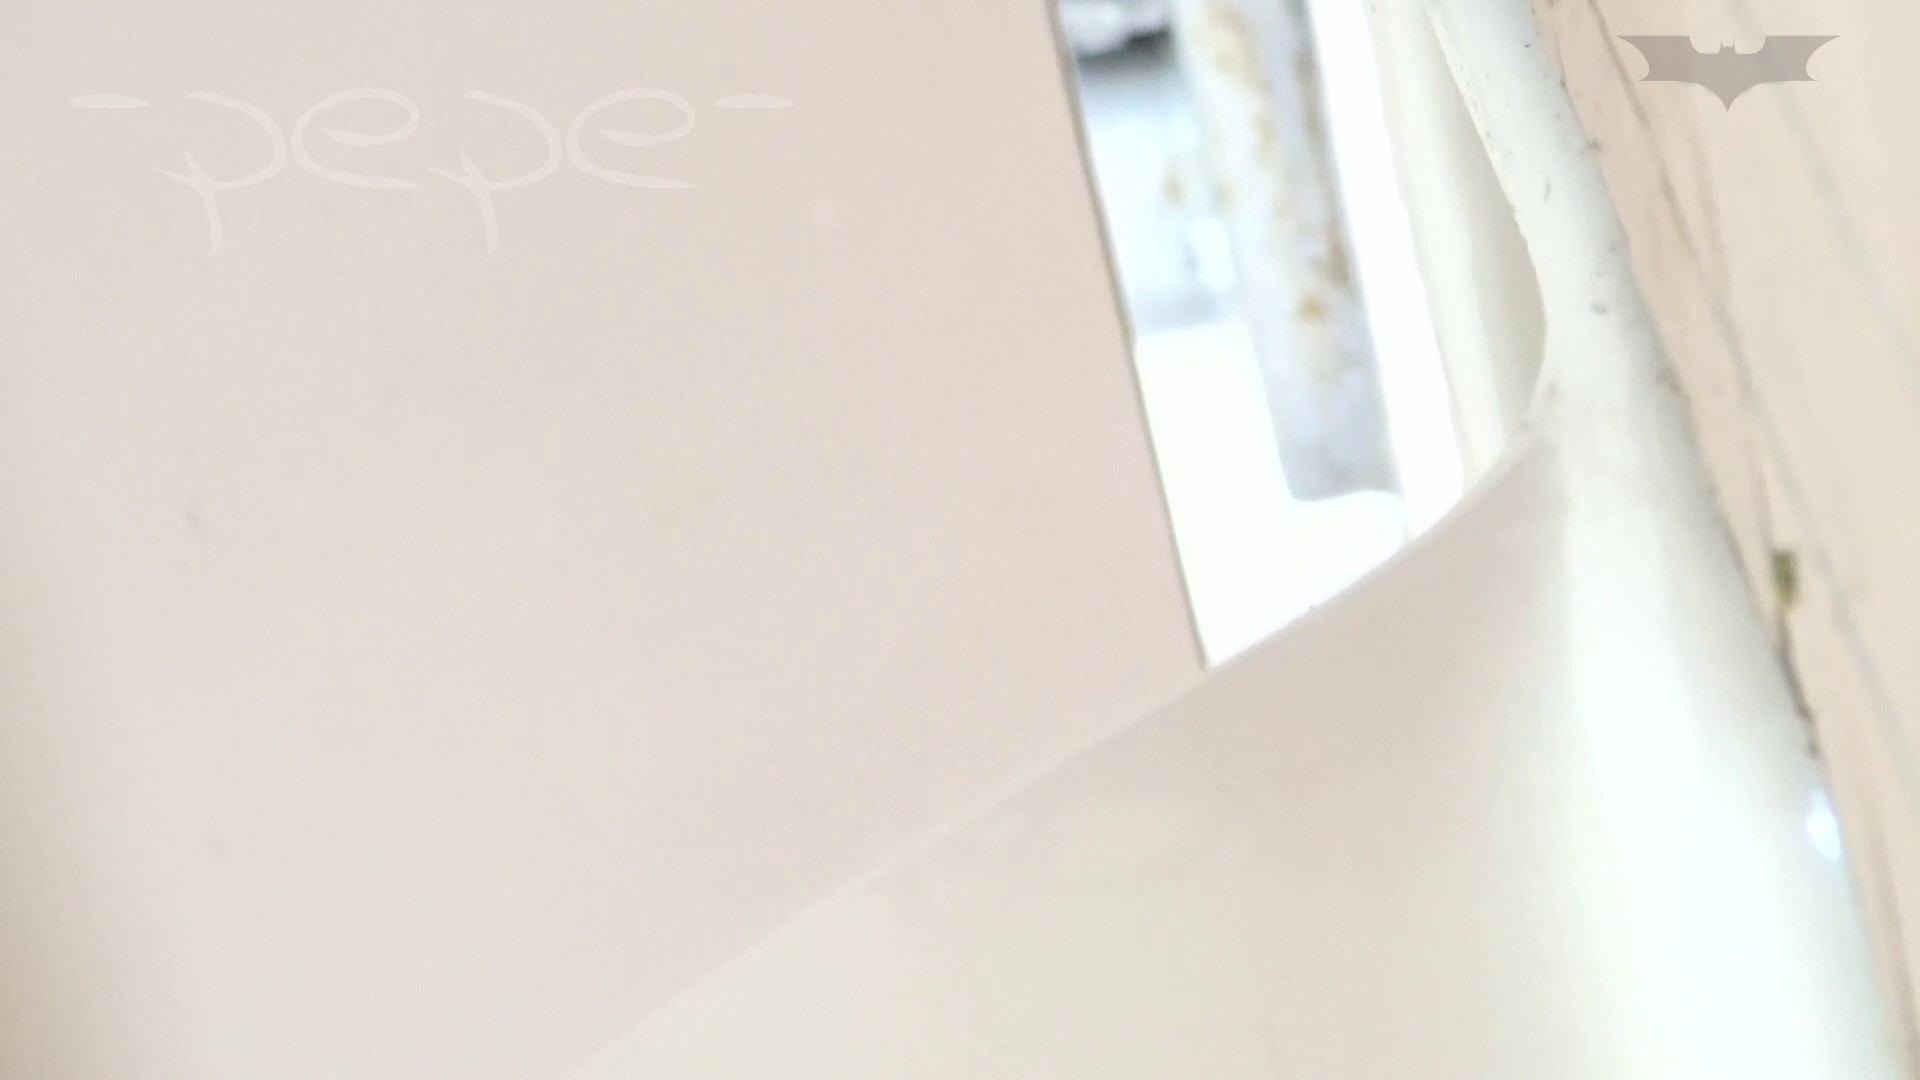 超美女ツル!うんこ見所満載! 期間限定神キタ!ツルピカの放nyo!Vol.12 高画質 おまんこ無修正動画無料 112画像 99